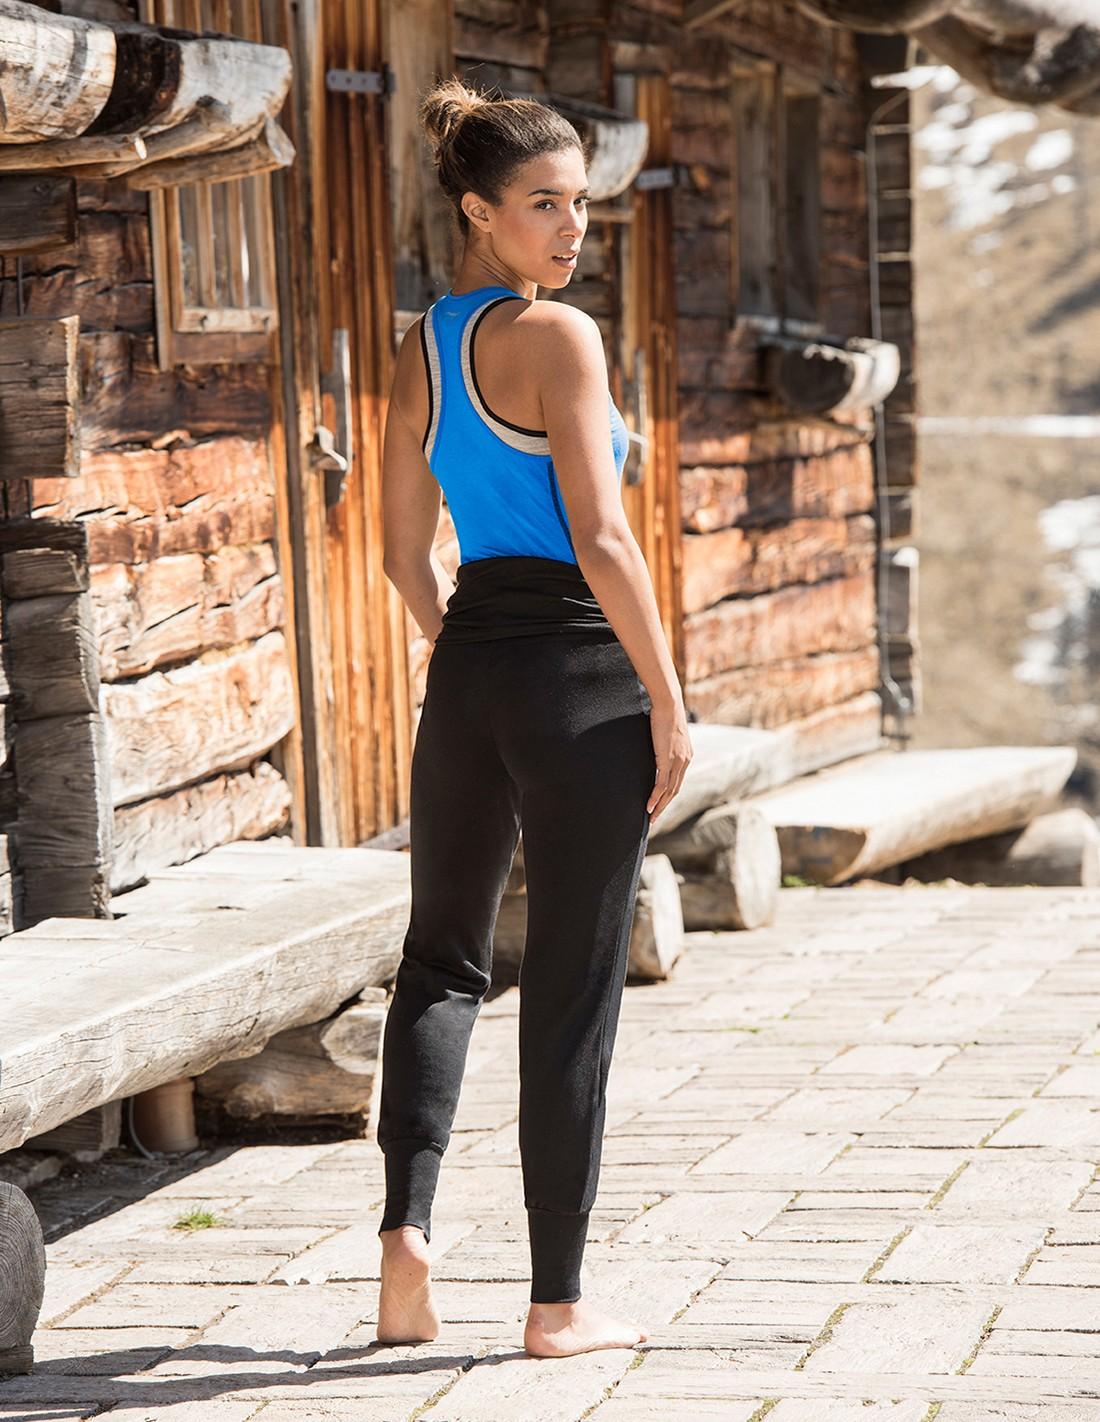 Engel Sports-Yoga Pantalon Pour Femmes-Fait de laine et soie